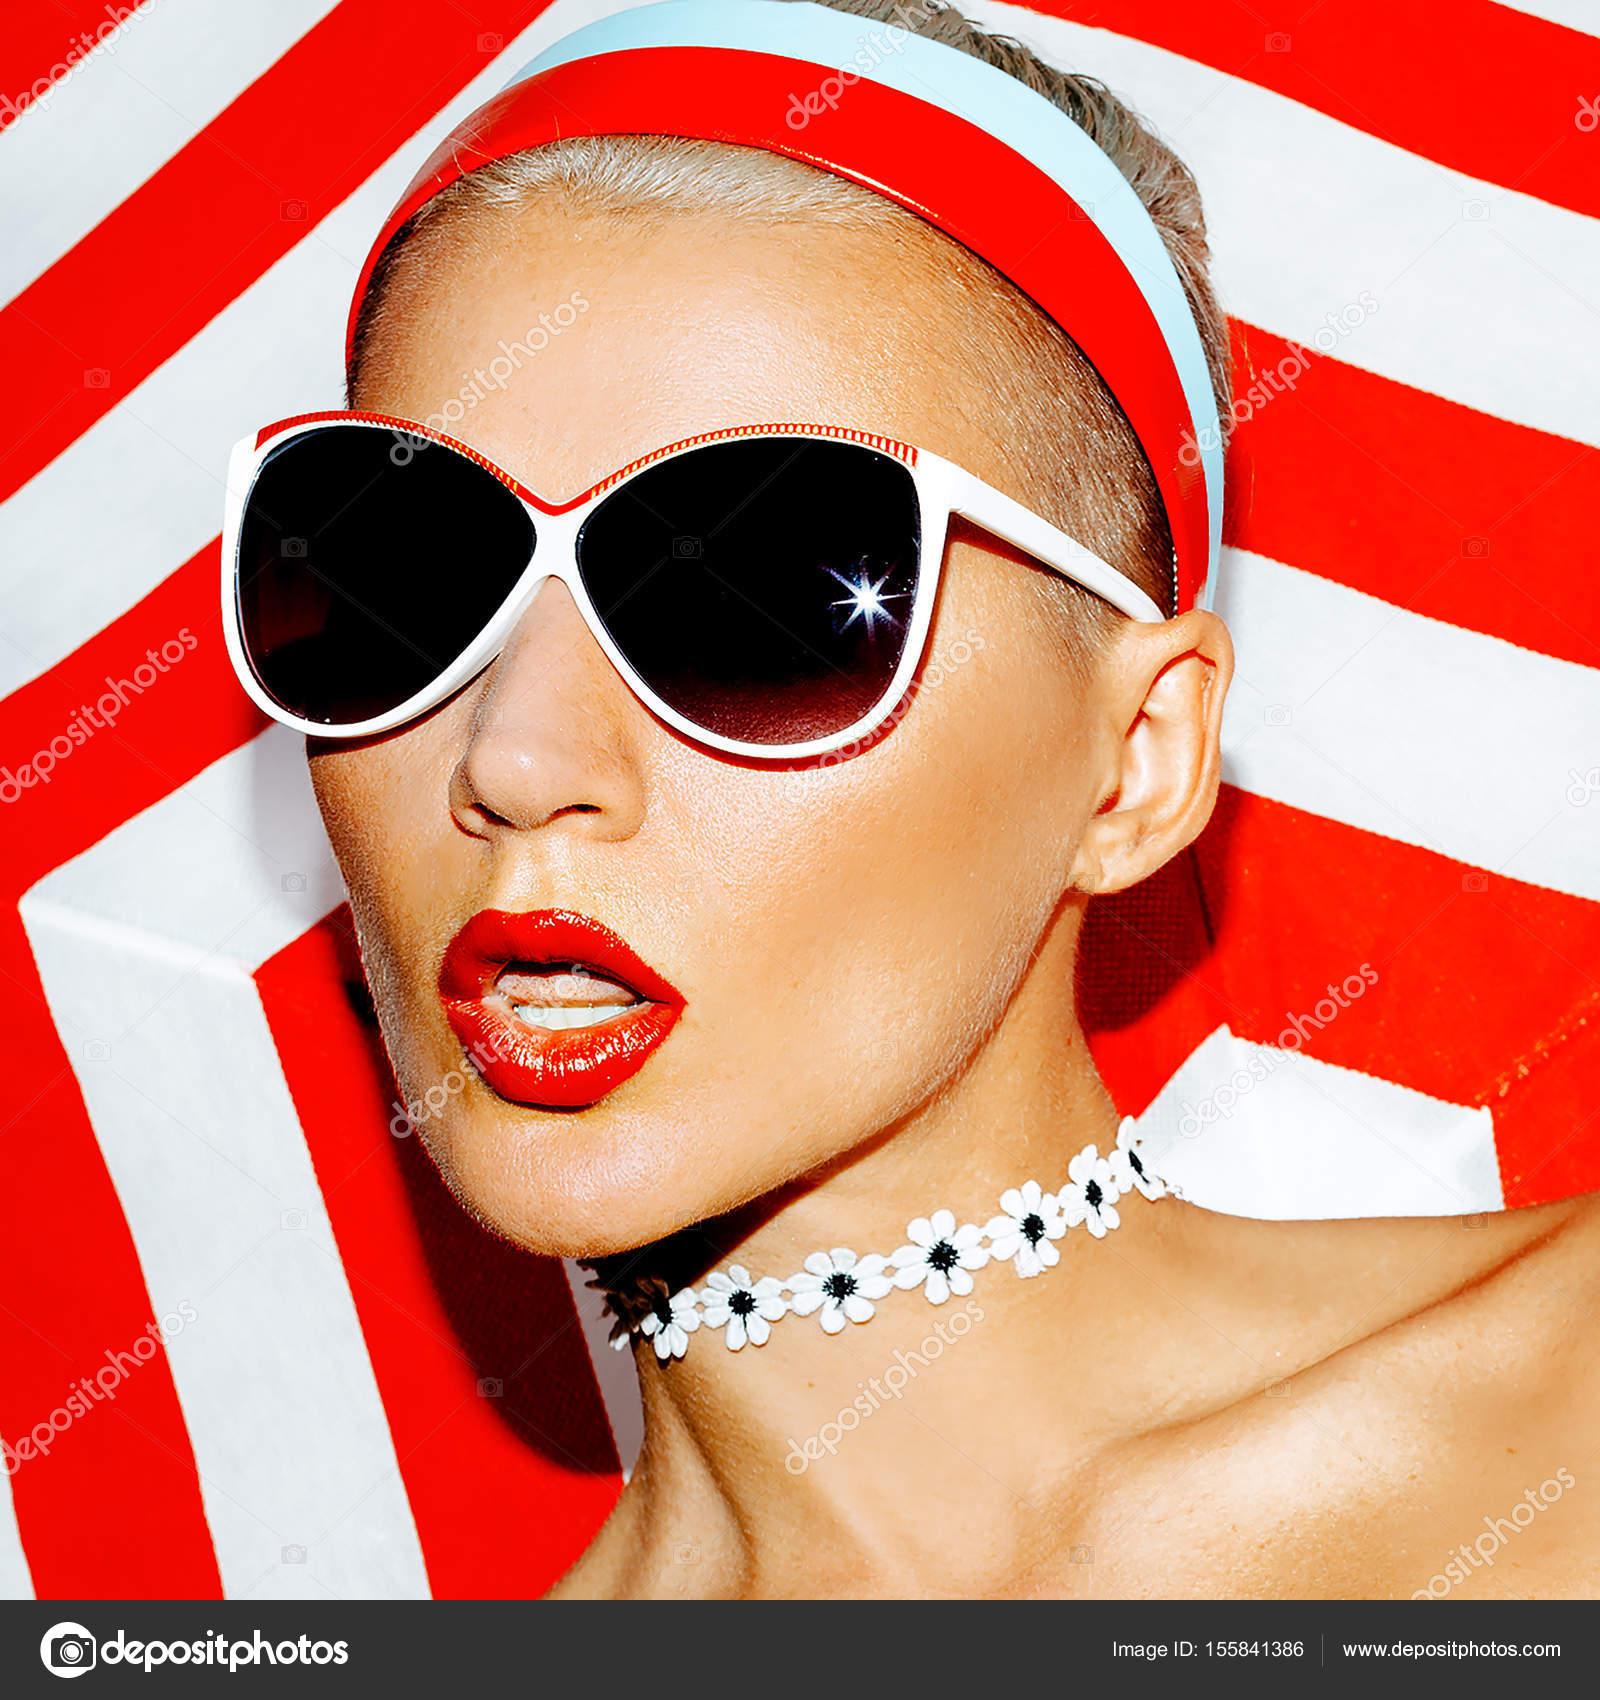 3b169492bb8ef Modelo de praia. Óculos de sol da moda. Retrô vermelho — Fotografia de Stock